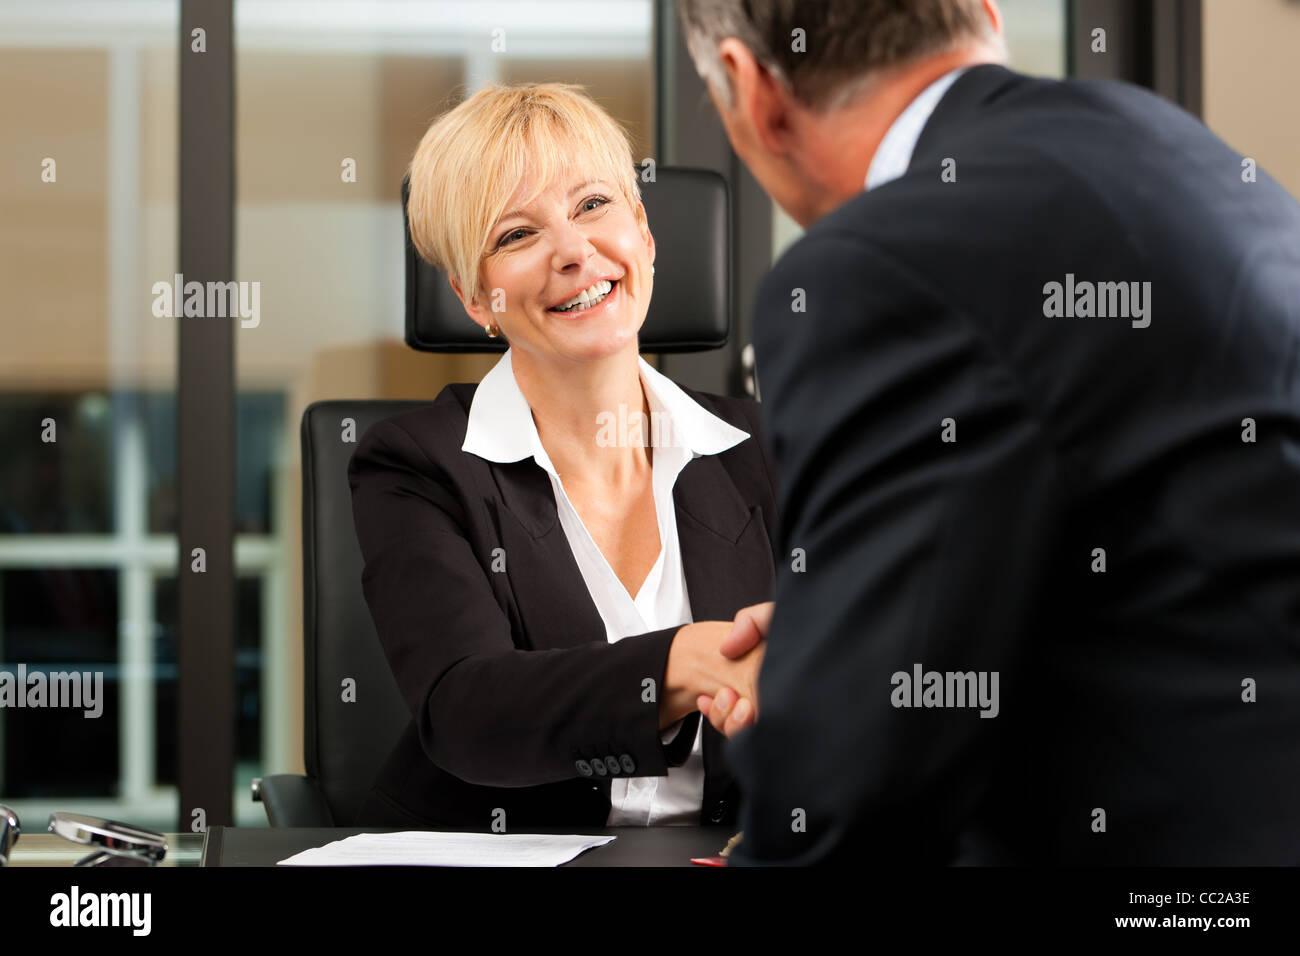 Femmina matura avvocato o di un notaio con il cliente nel suo ufficio - stretta di mano Immagini Stock